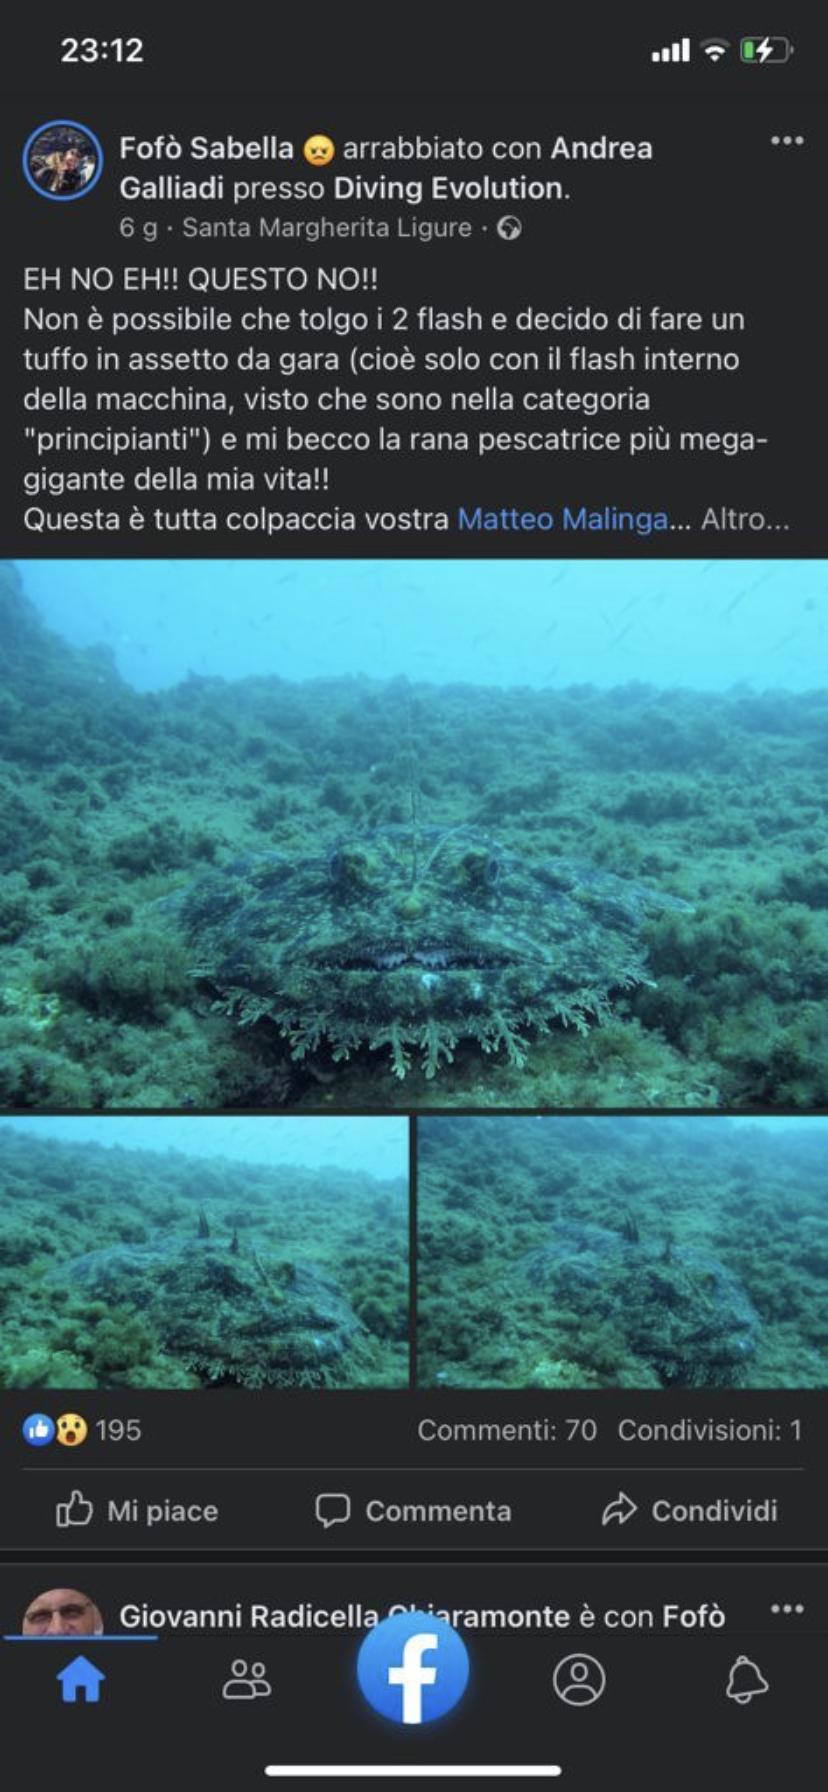 Altre beffe della rana pescatrice